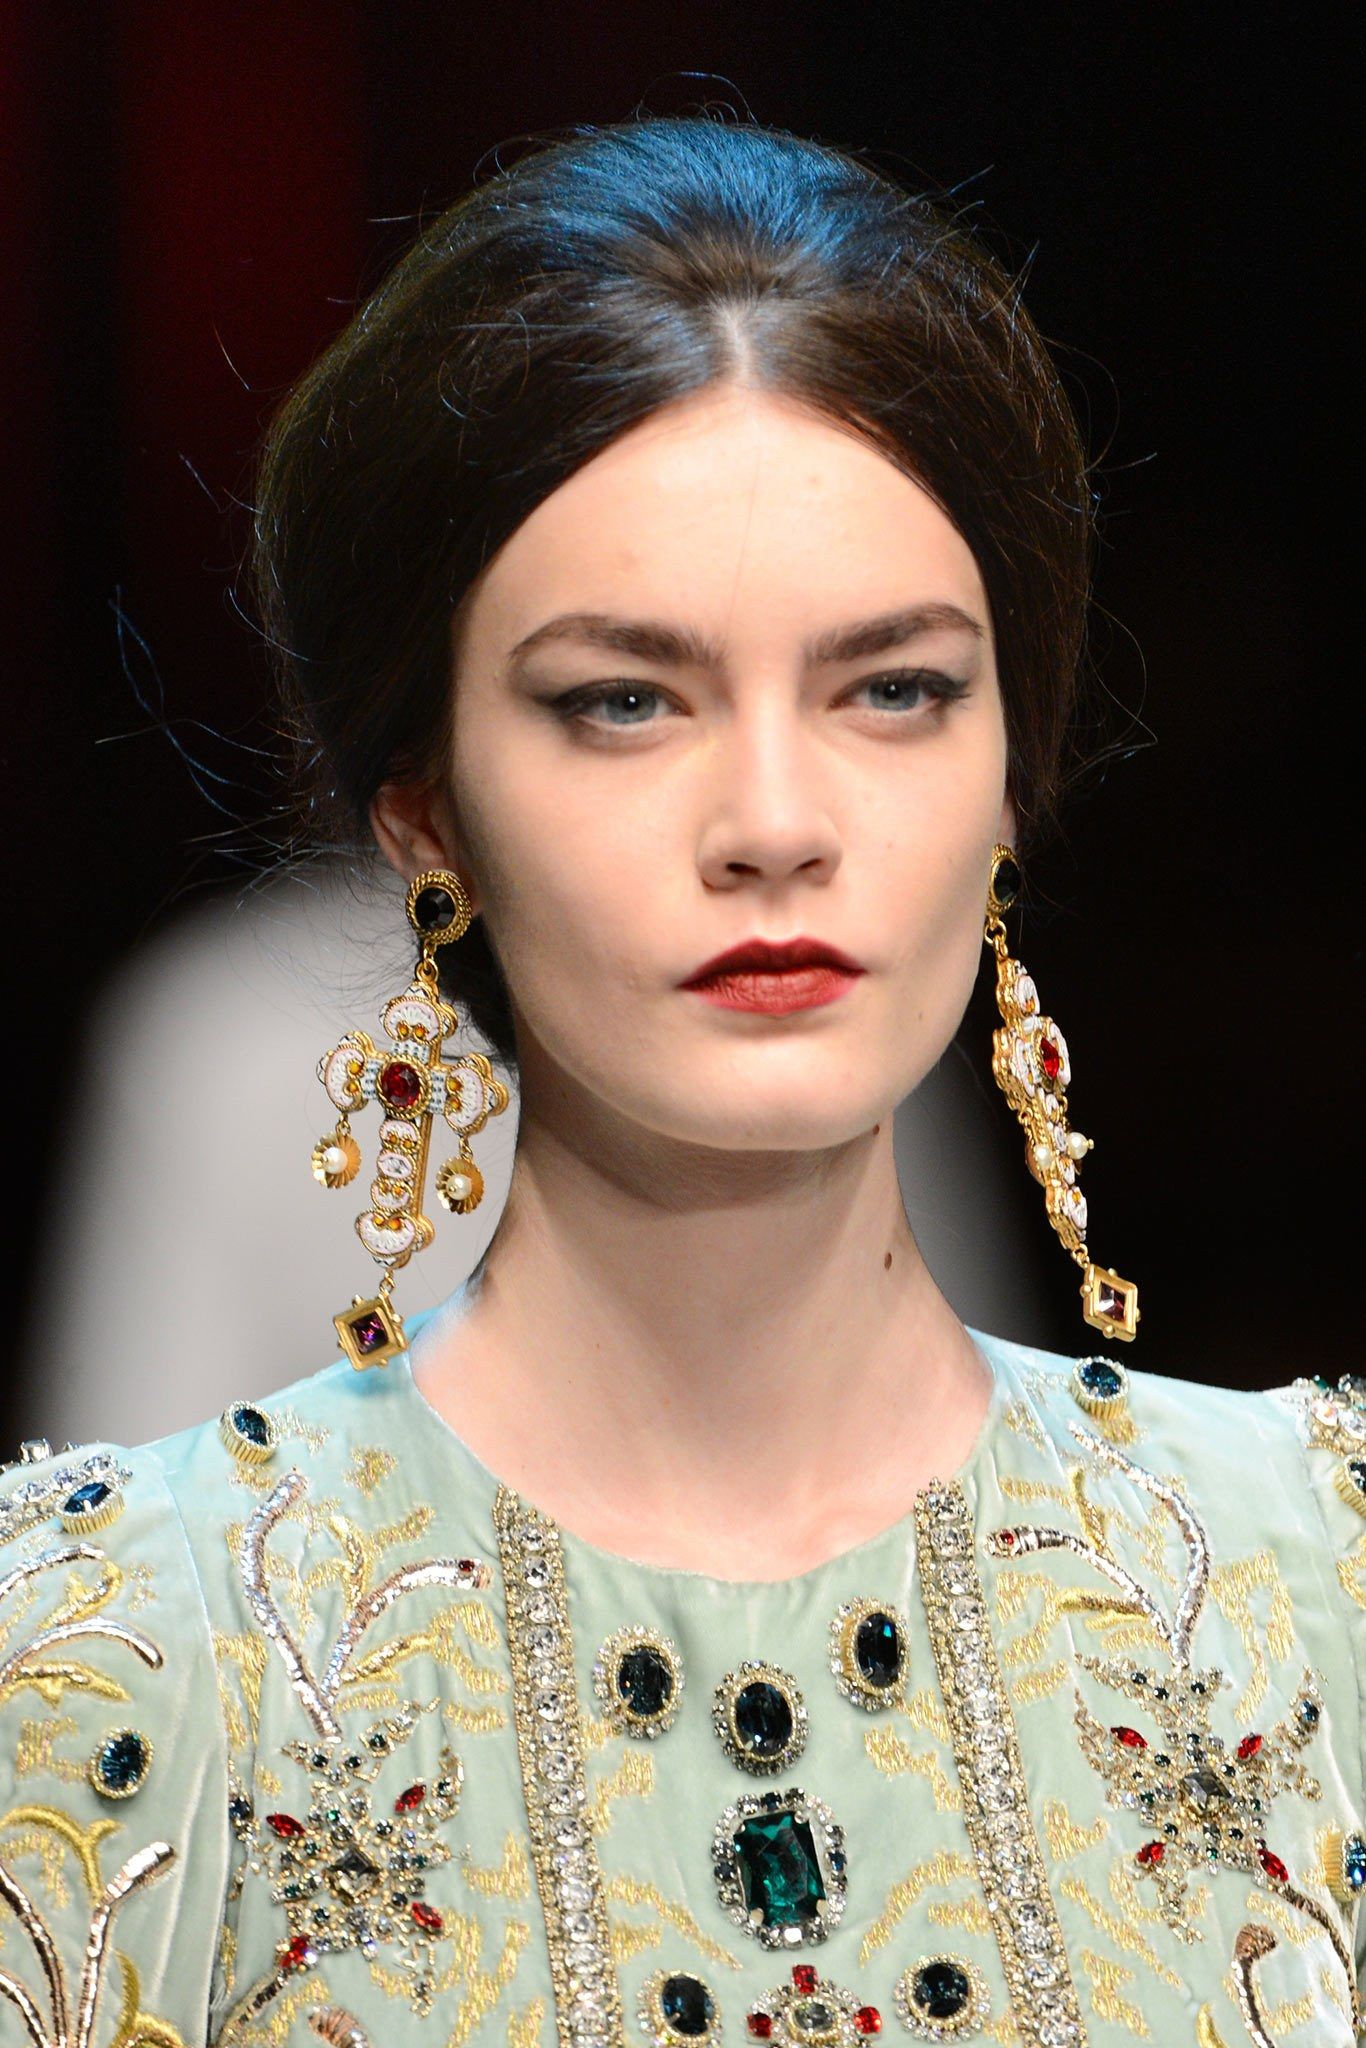 Dolce & Gabbana Fall 2013 ReadytoWear Fashion Show